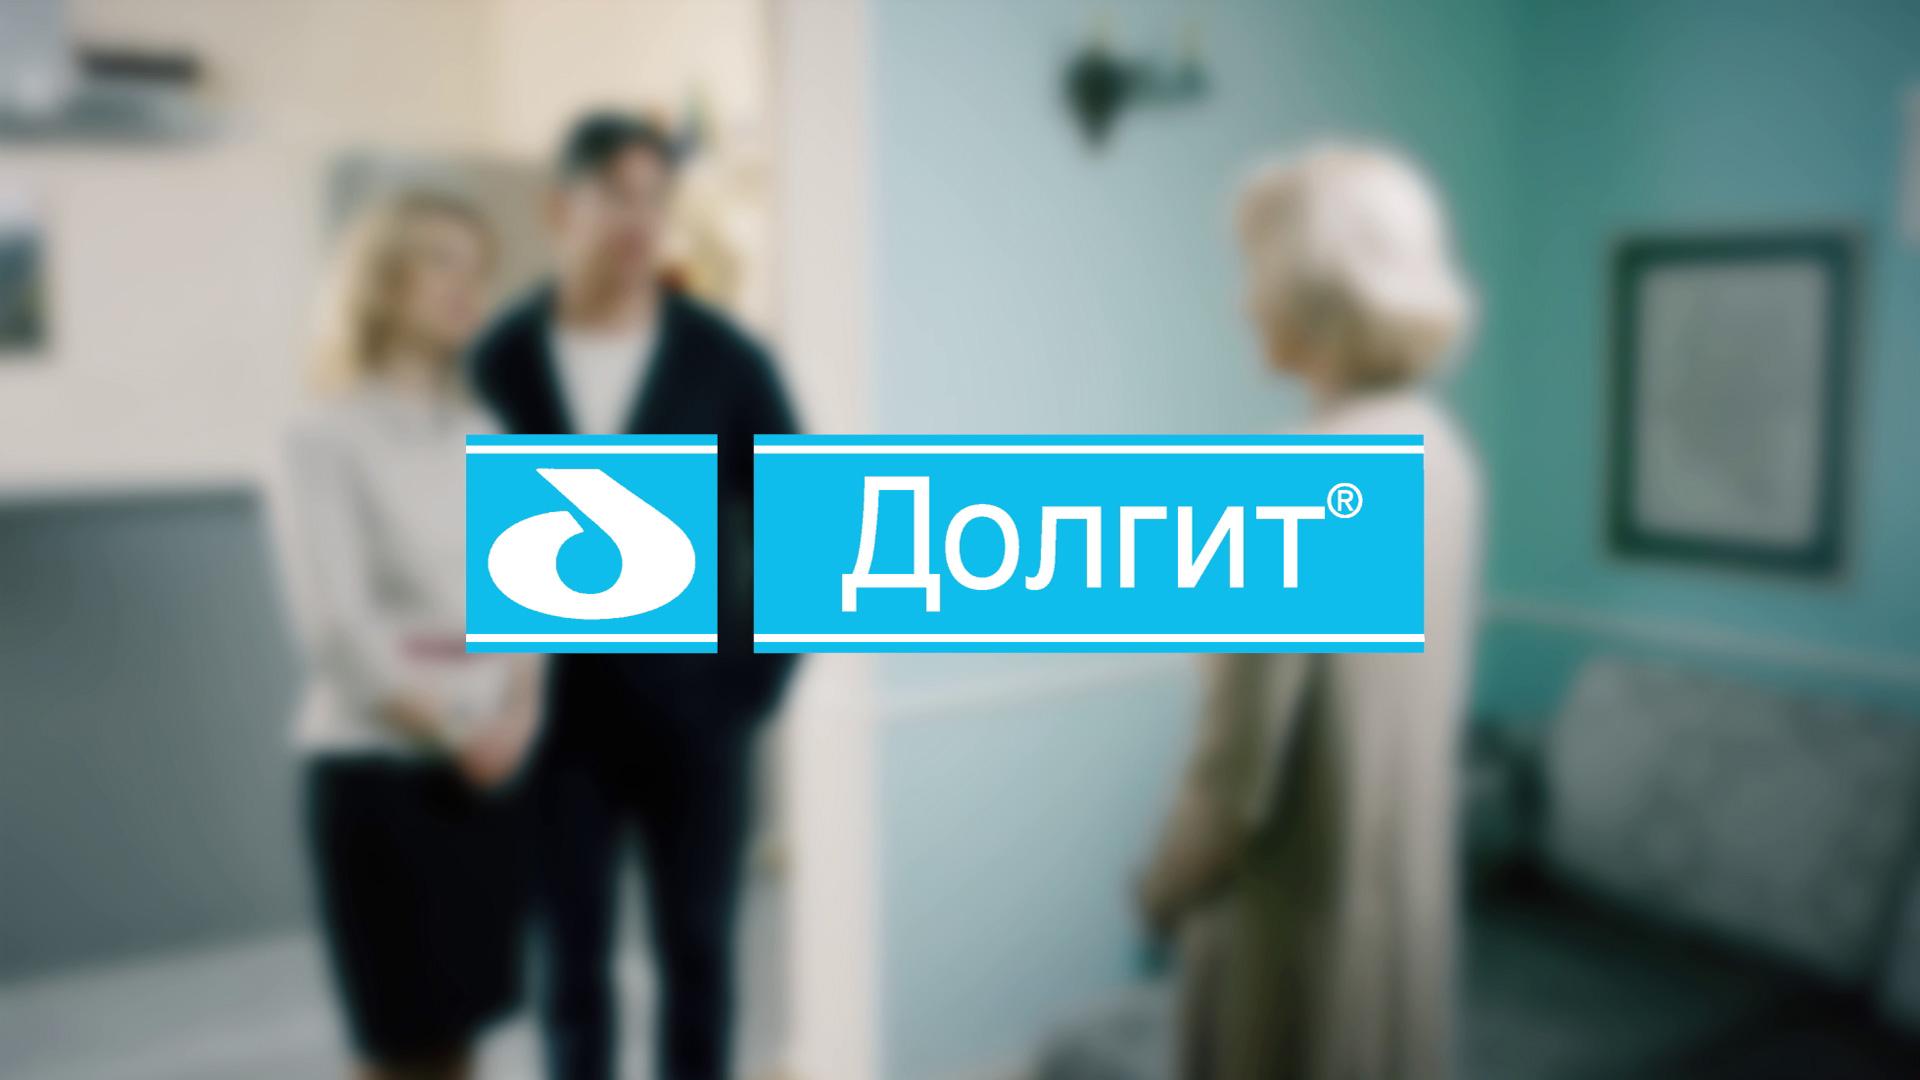 Рекламный ролик крема Долгит